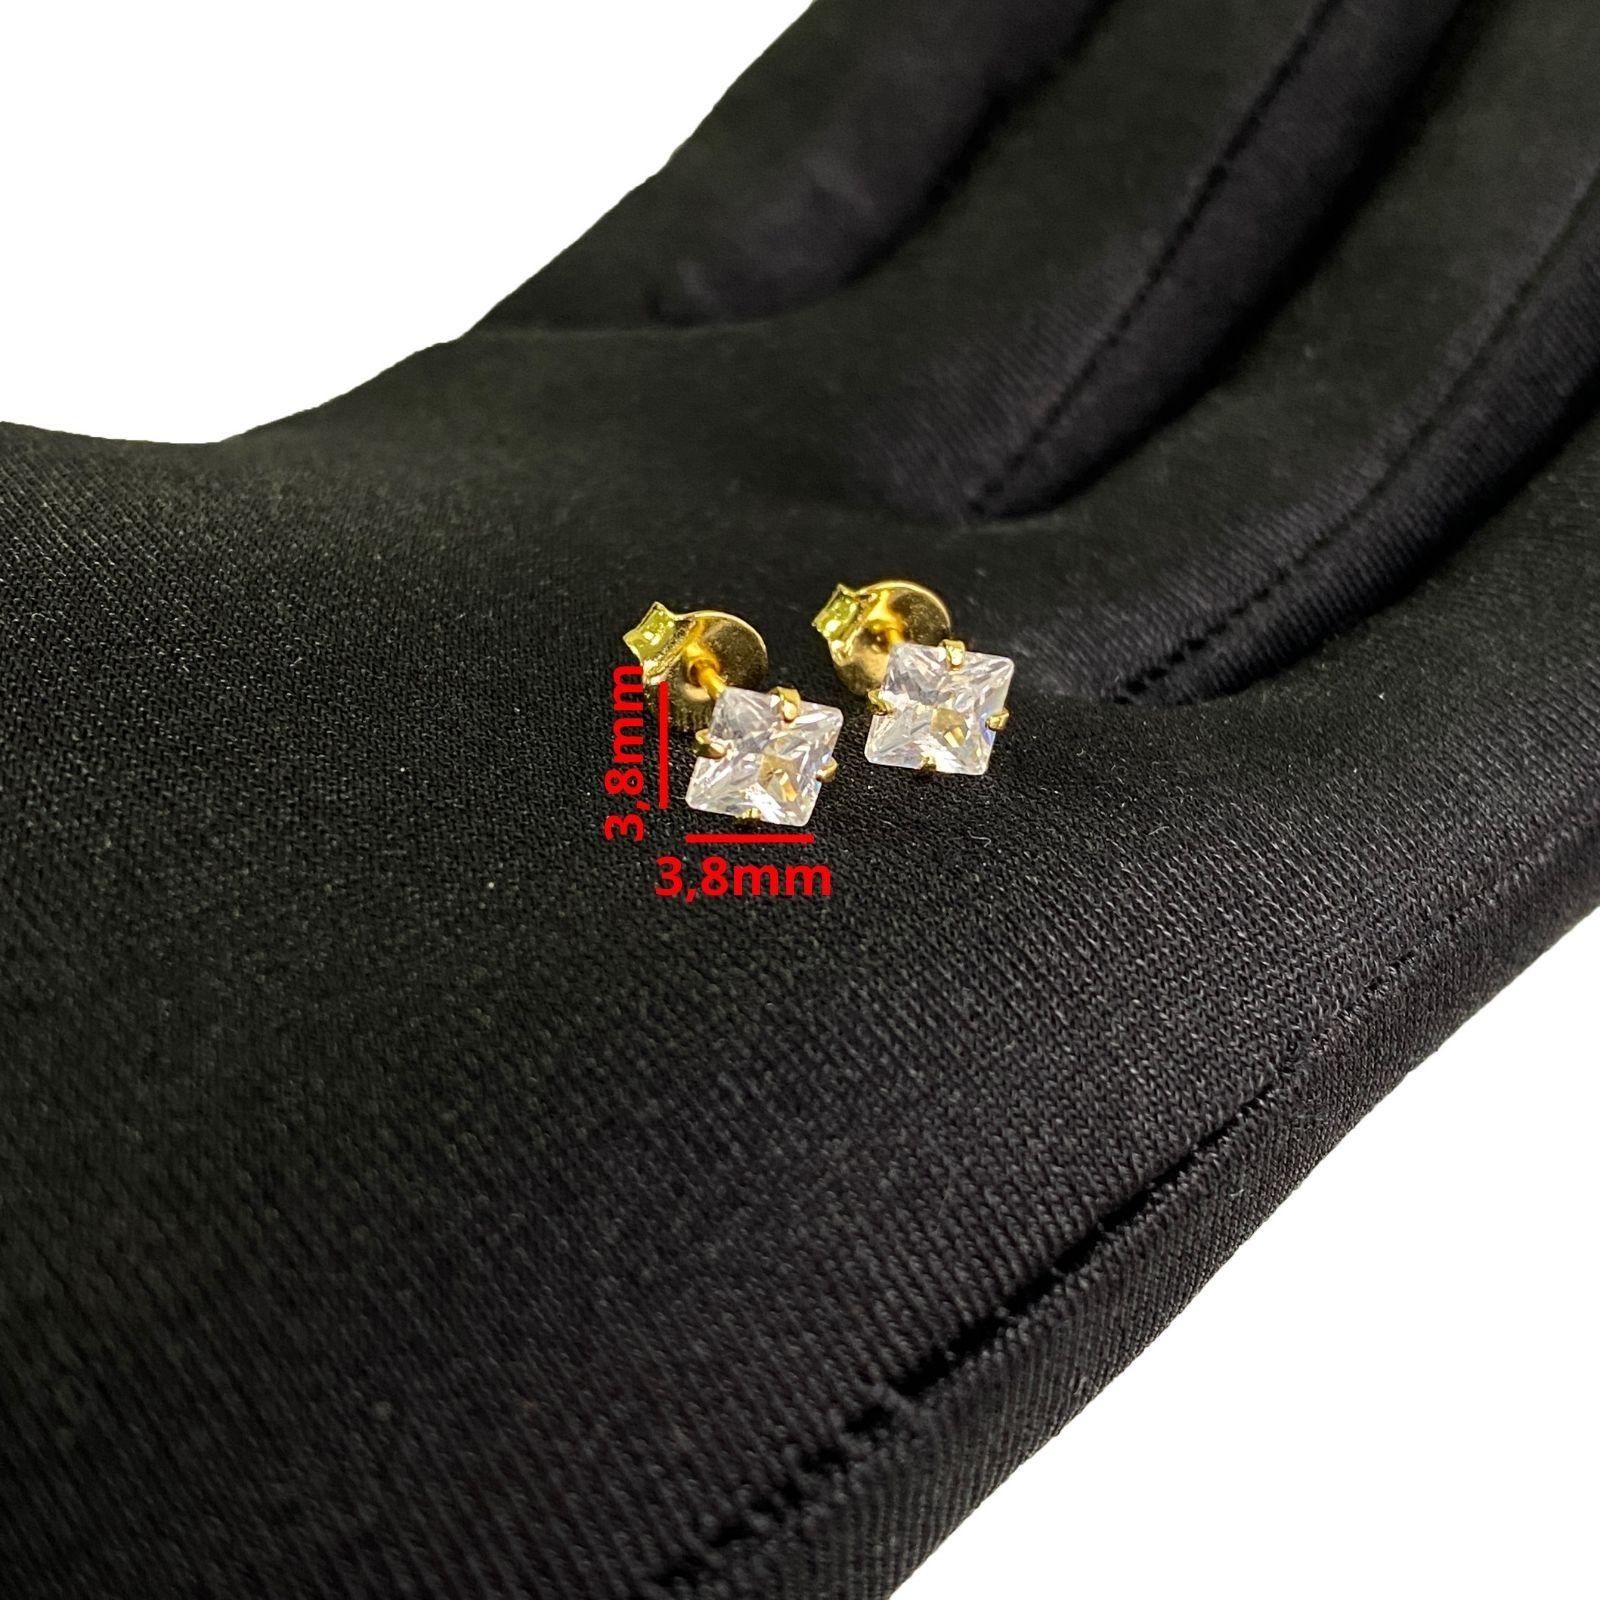 Brinco Pedra de Zircônia Sem Galeria 3,8mm X 3,8mm (Banho de Ouro 18k)